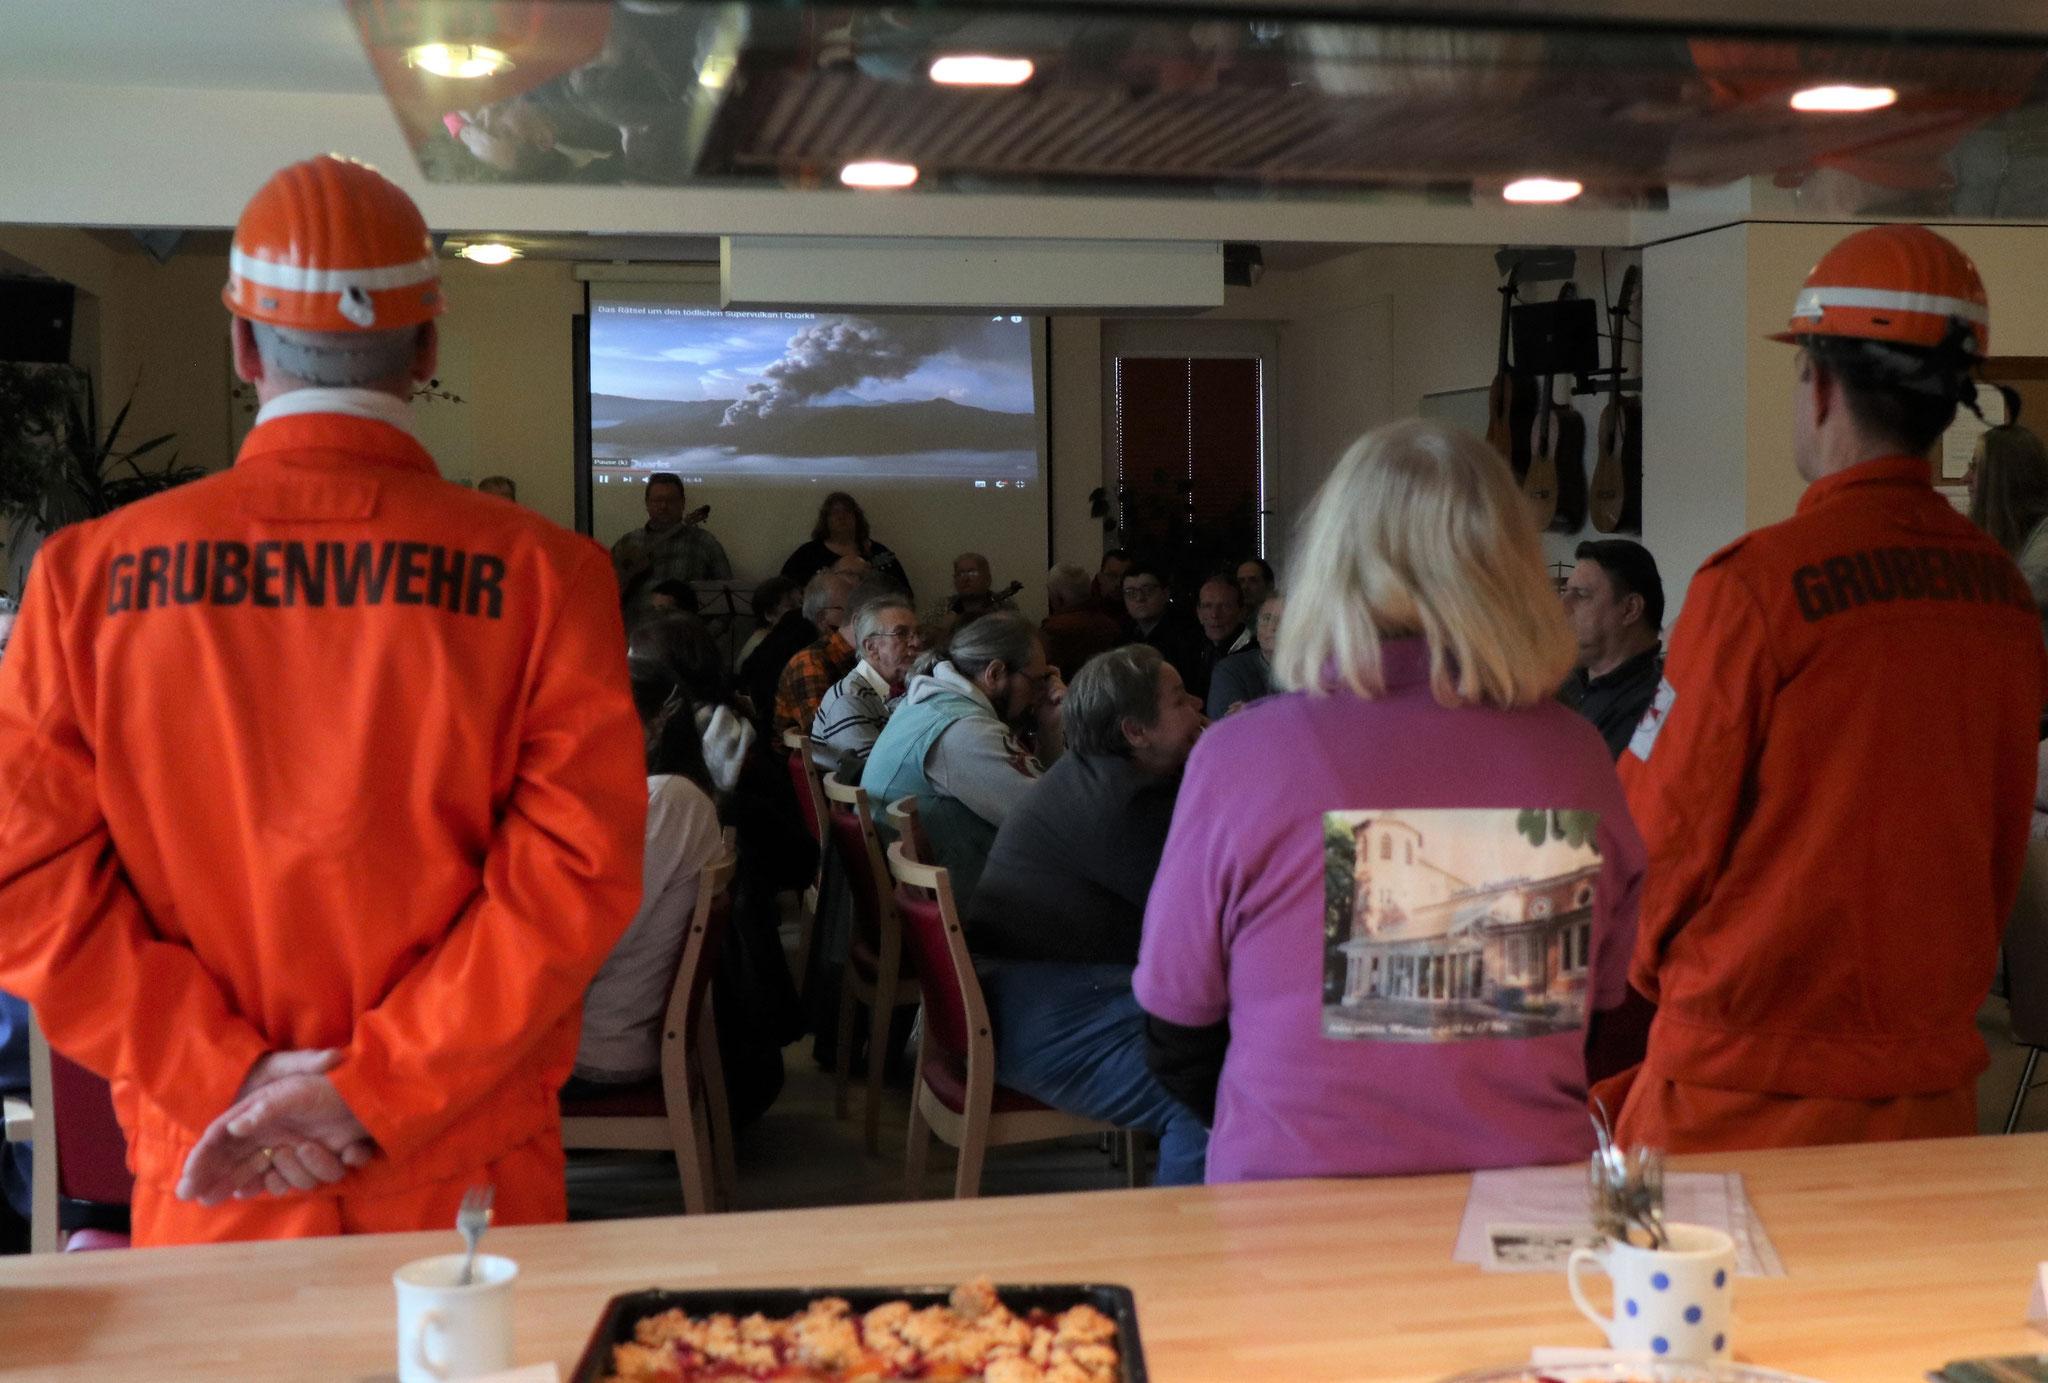 Rezitatoren - auf der Leinwand läuft ein Video vom Bergbau